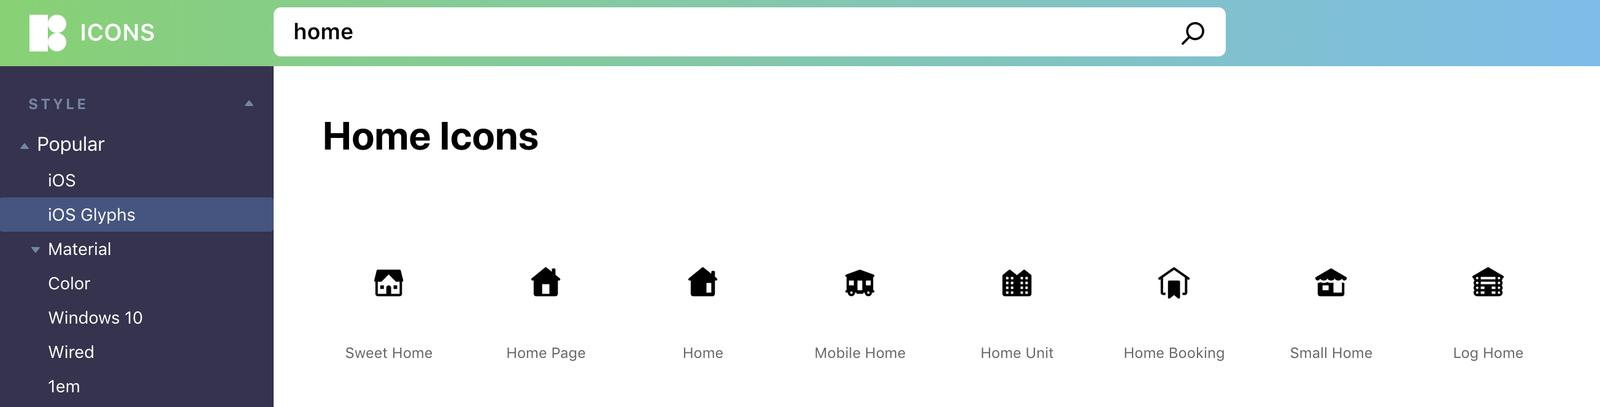 为了更好的搜索和下载体验,ICONS8 重新设计了网站